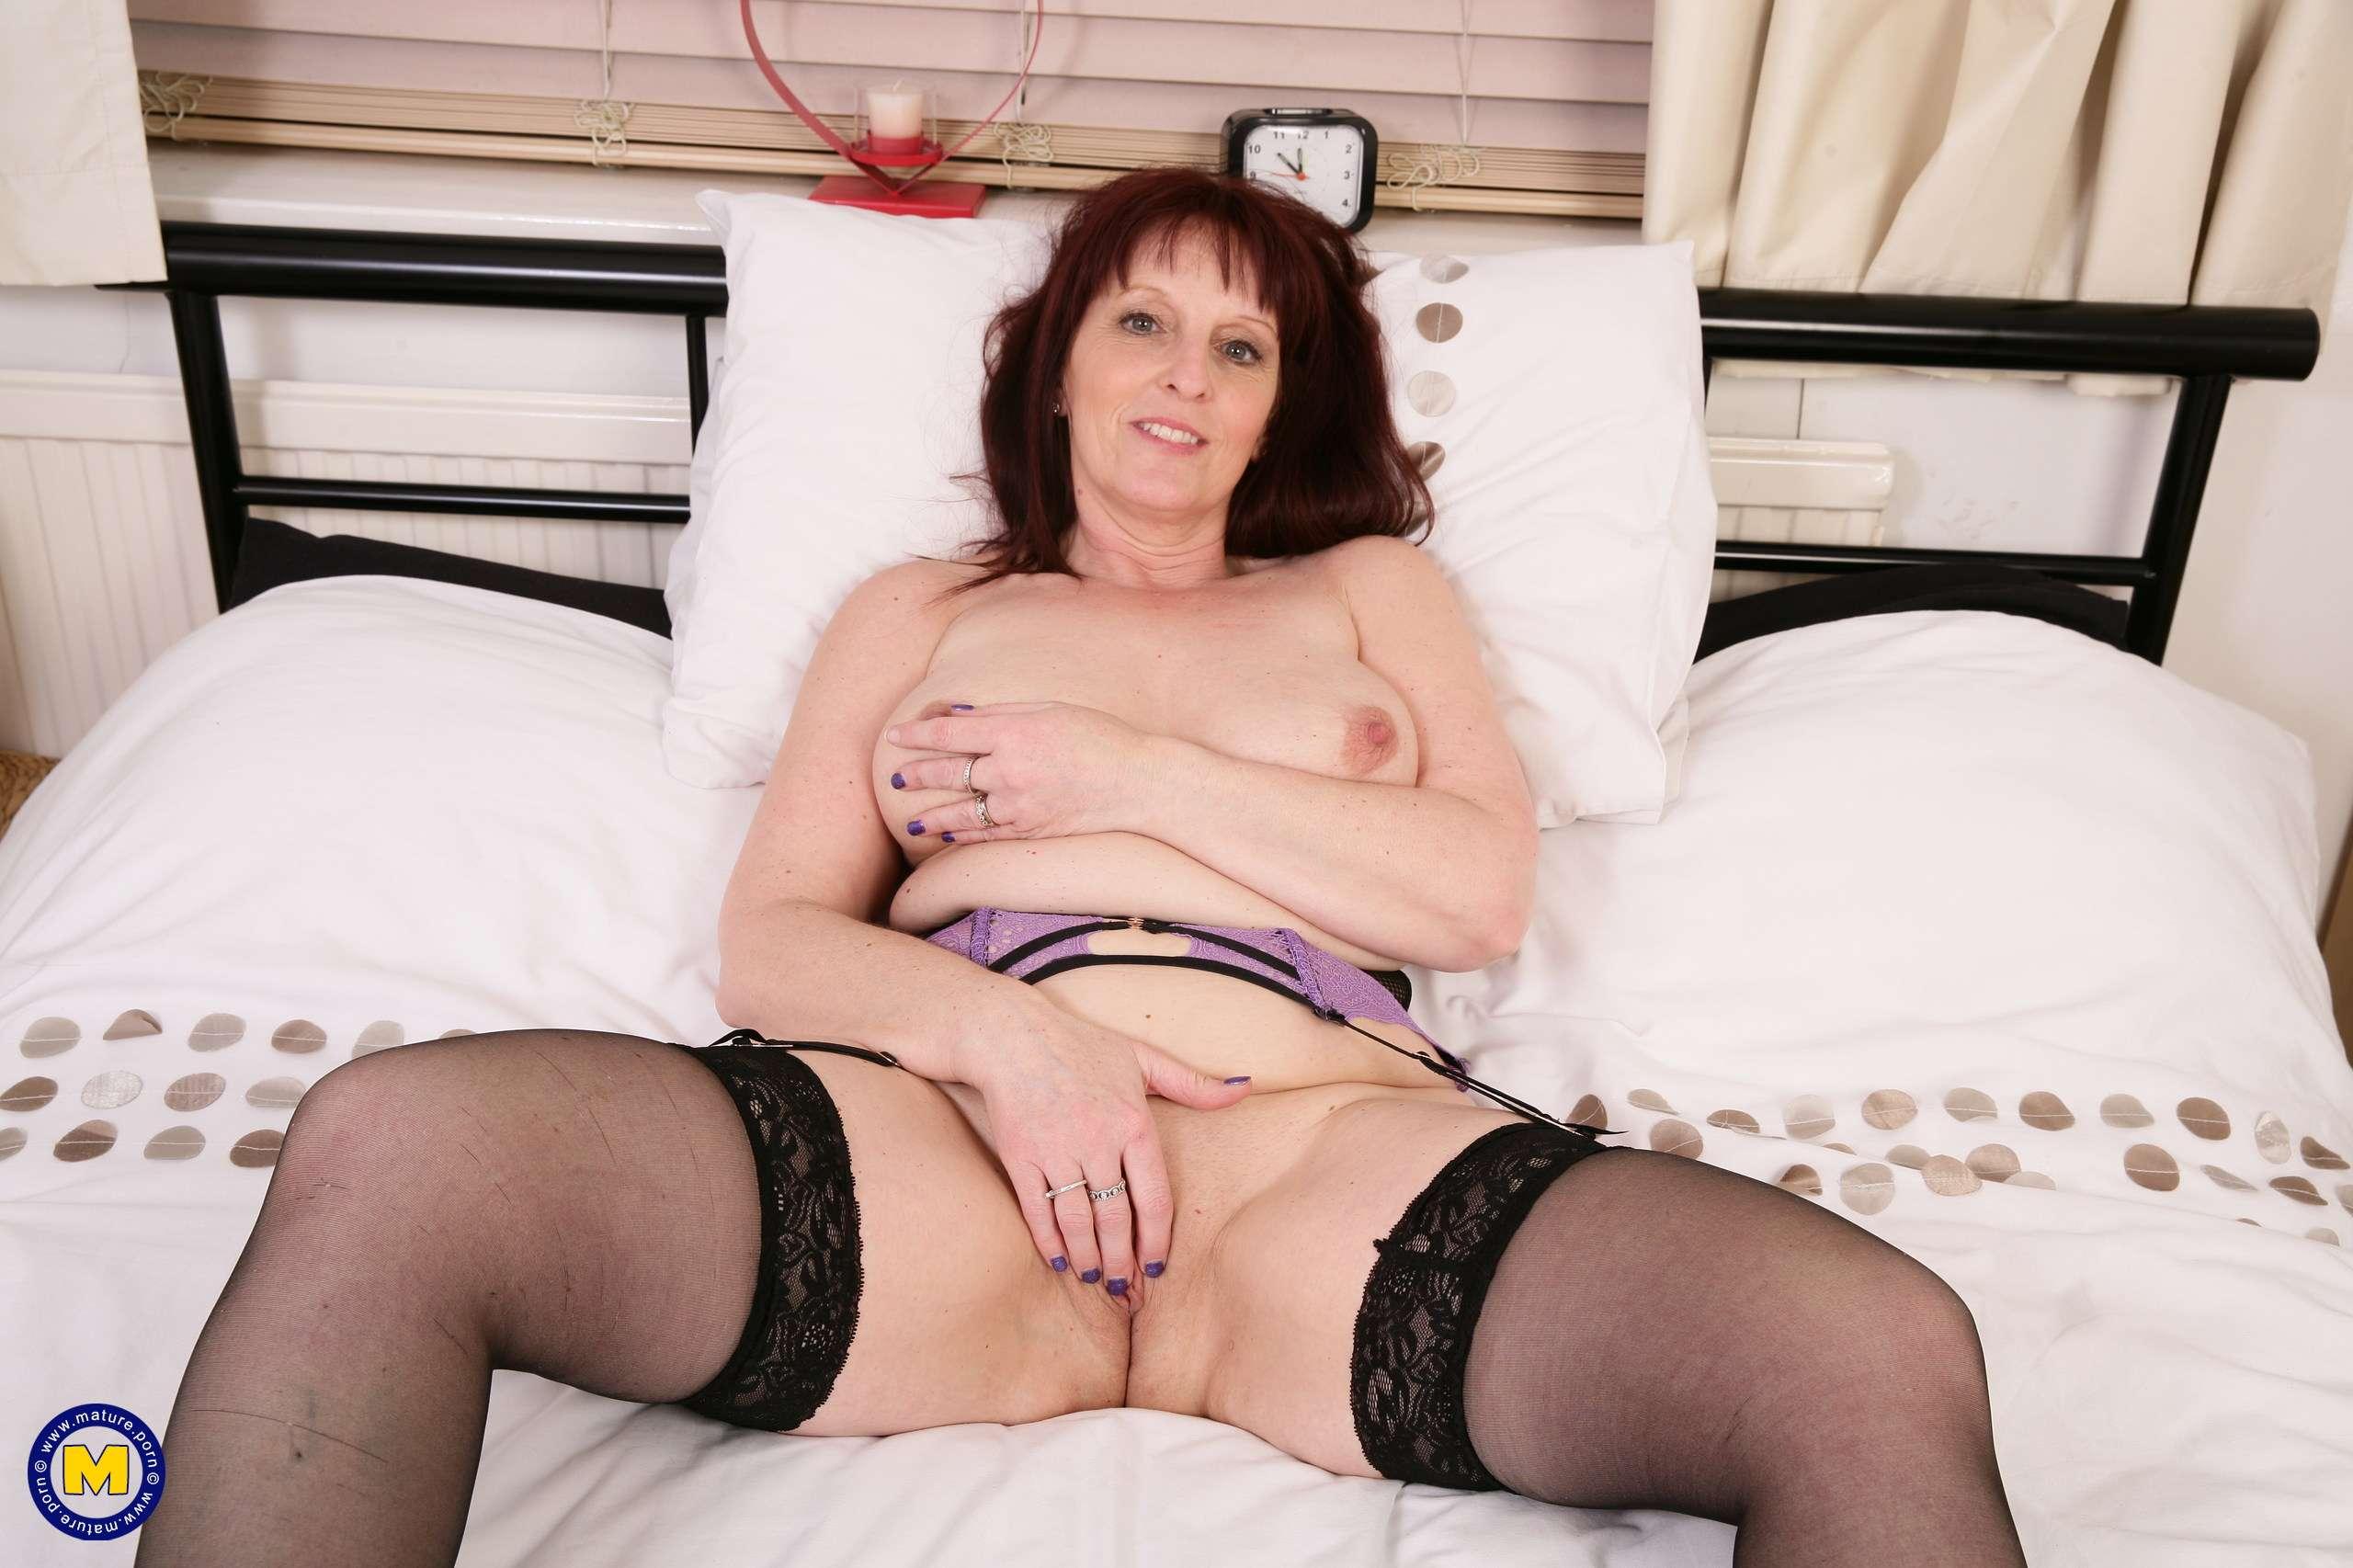 Mature lingerie striptease